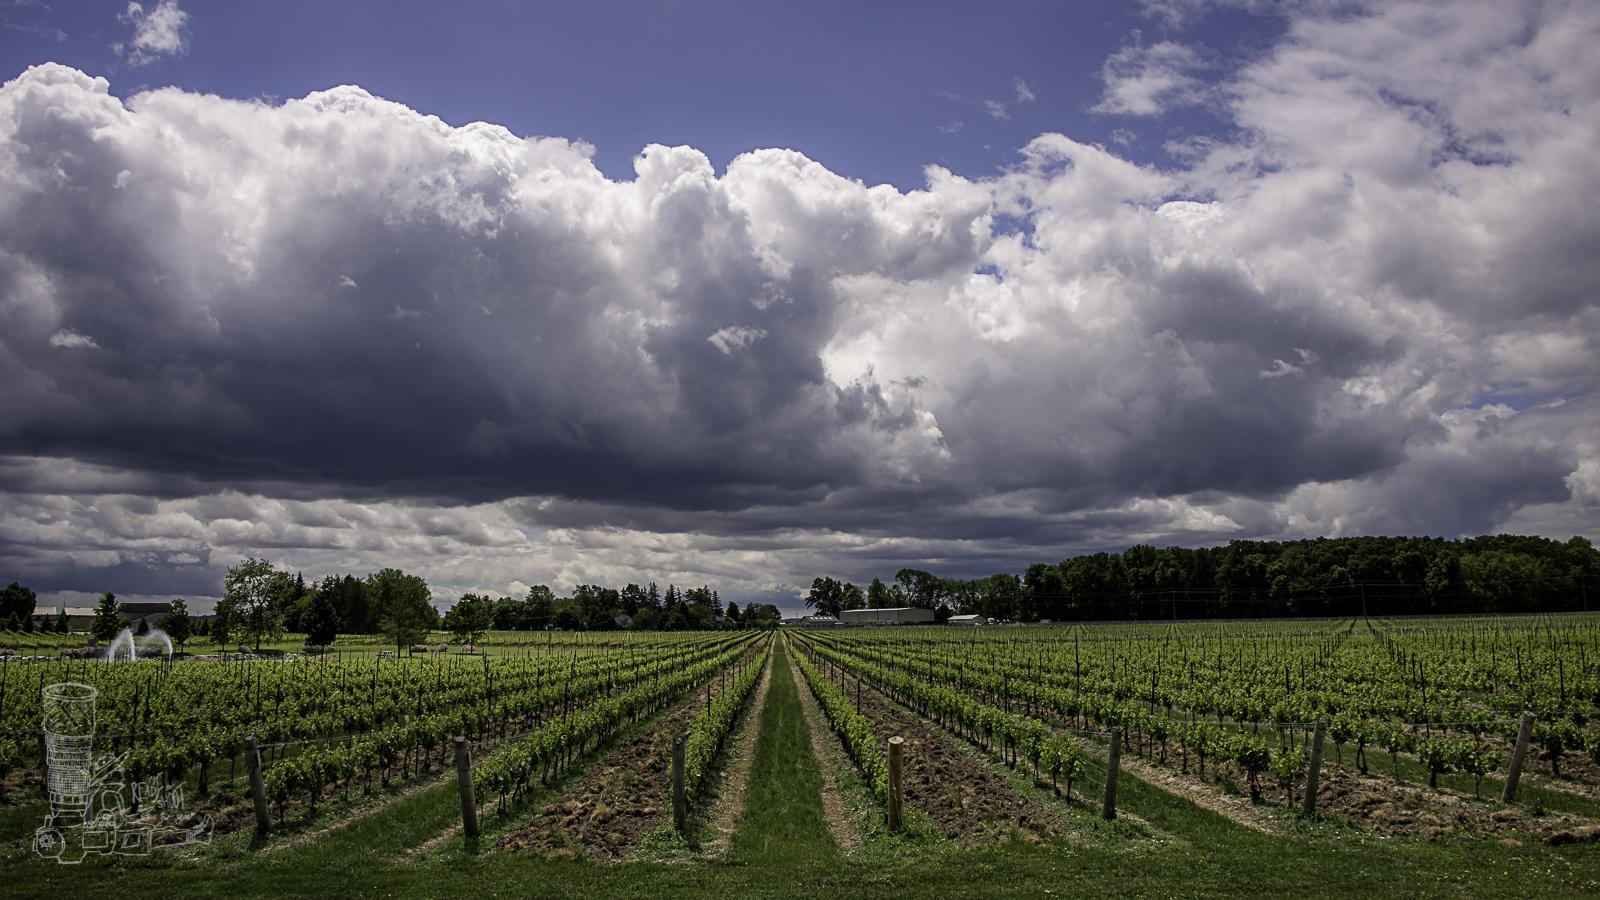 Vineyards Aplenty